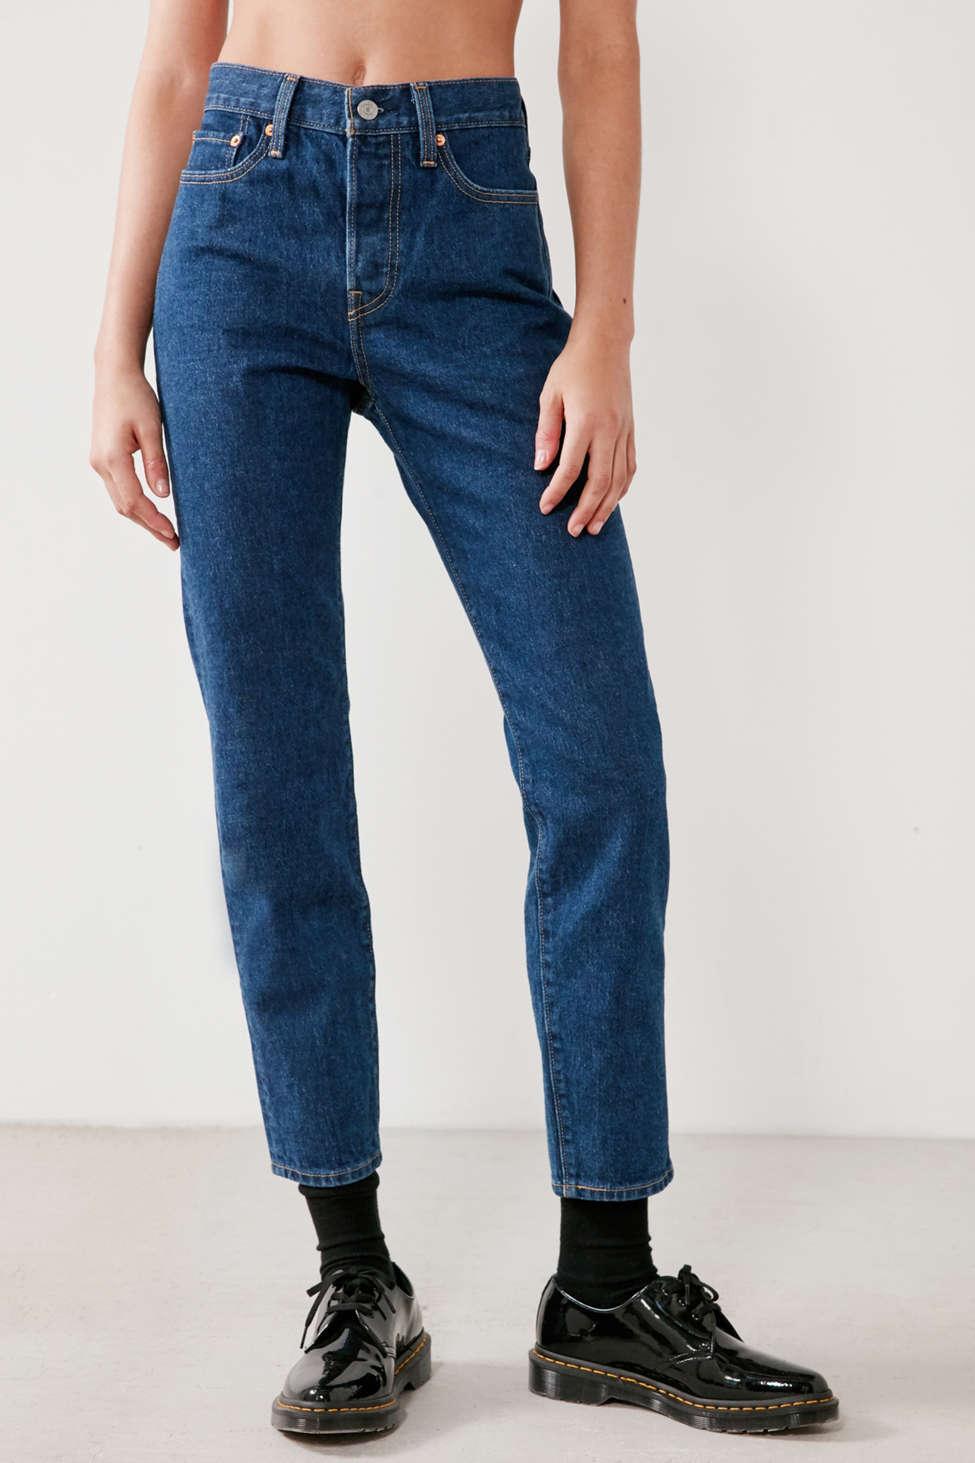 Top 10 Jean Brands For Men